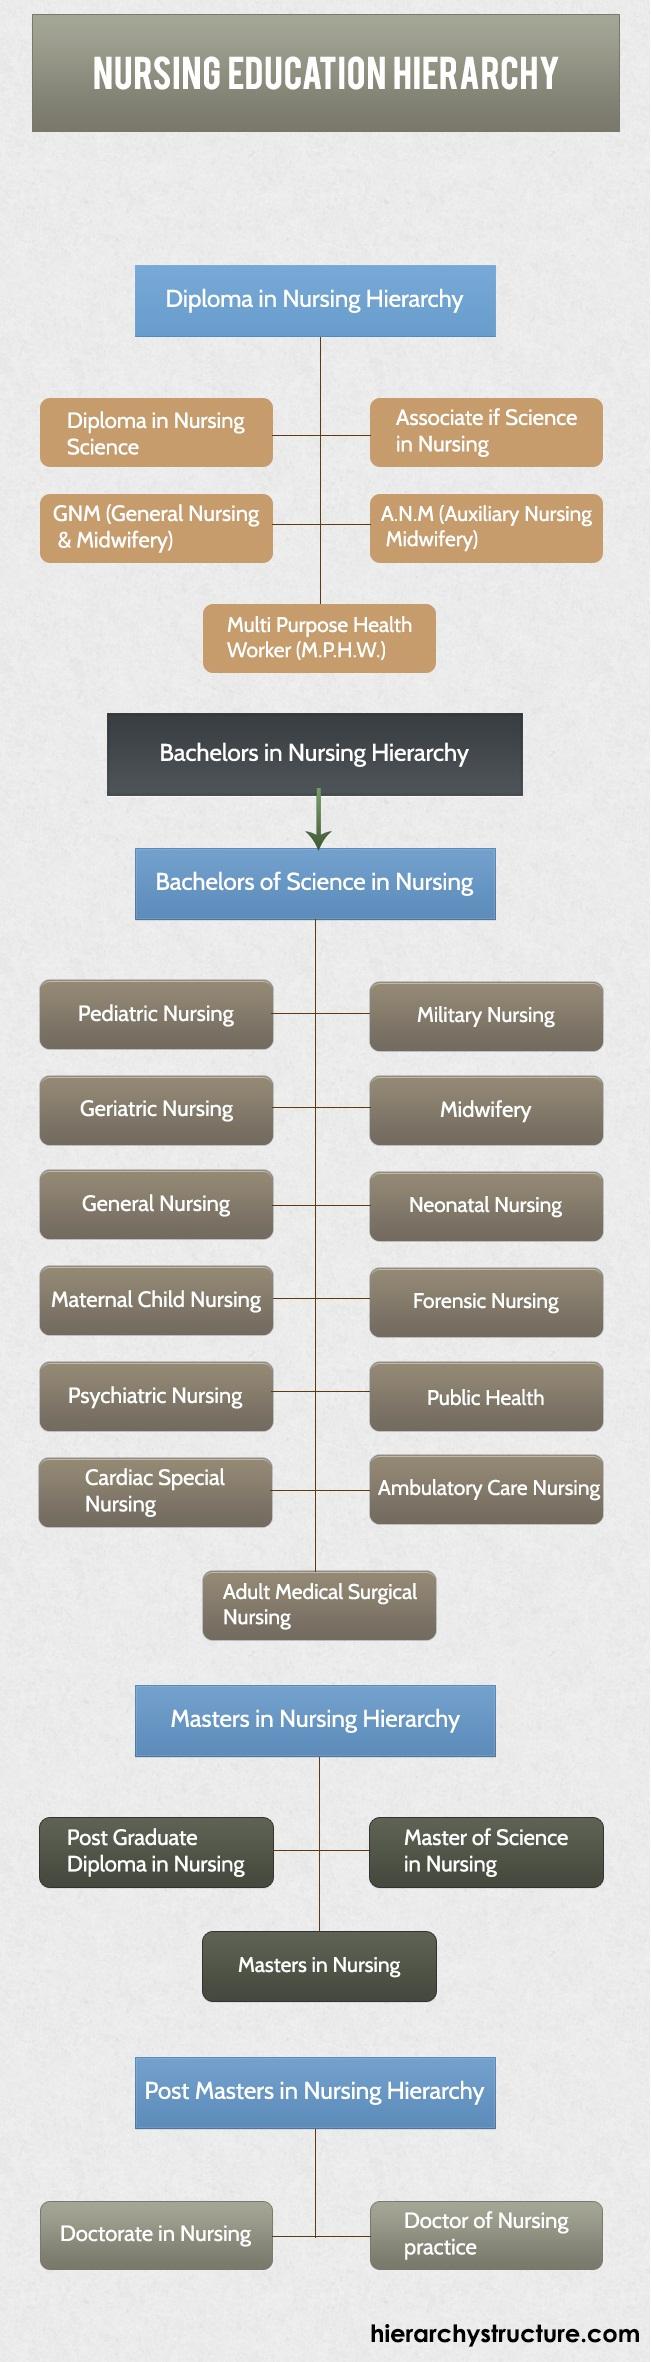 Nursing Education Hierarchy Education Hierarchy Pinterest